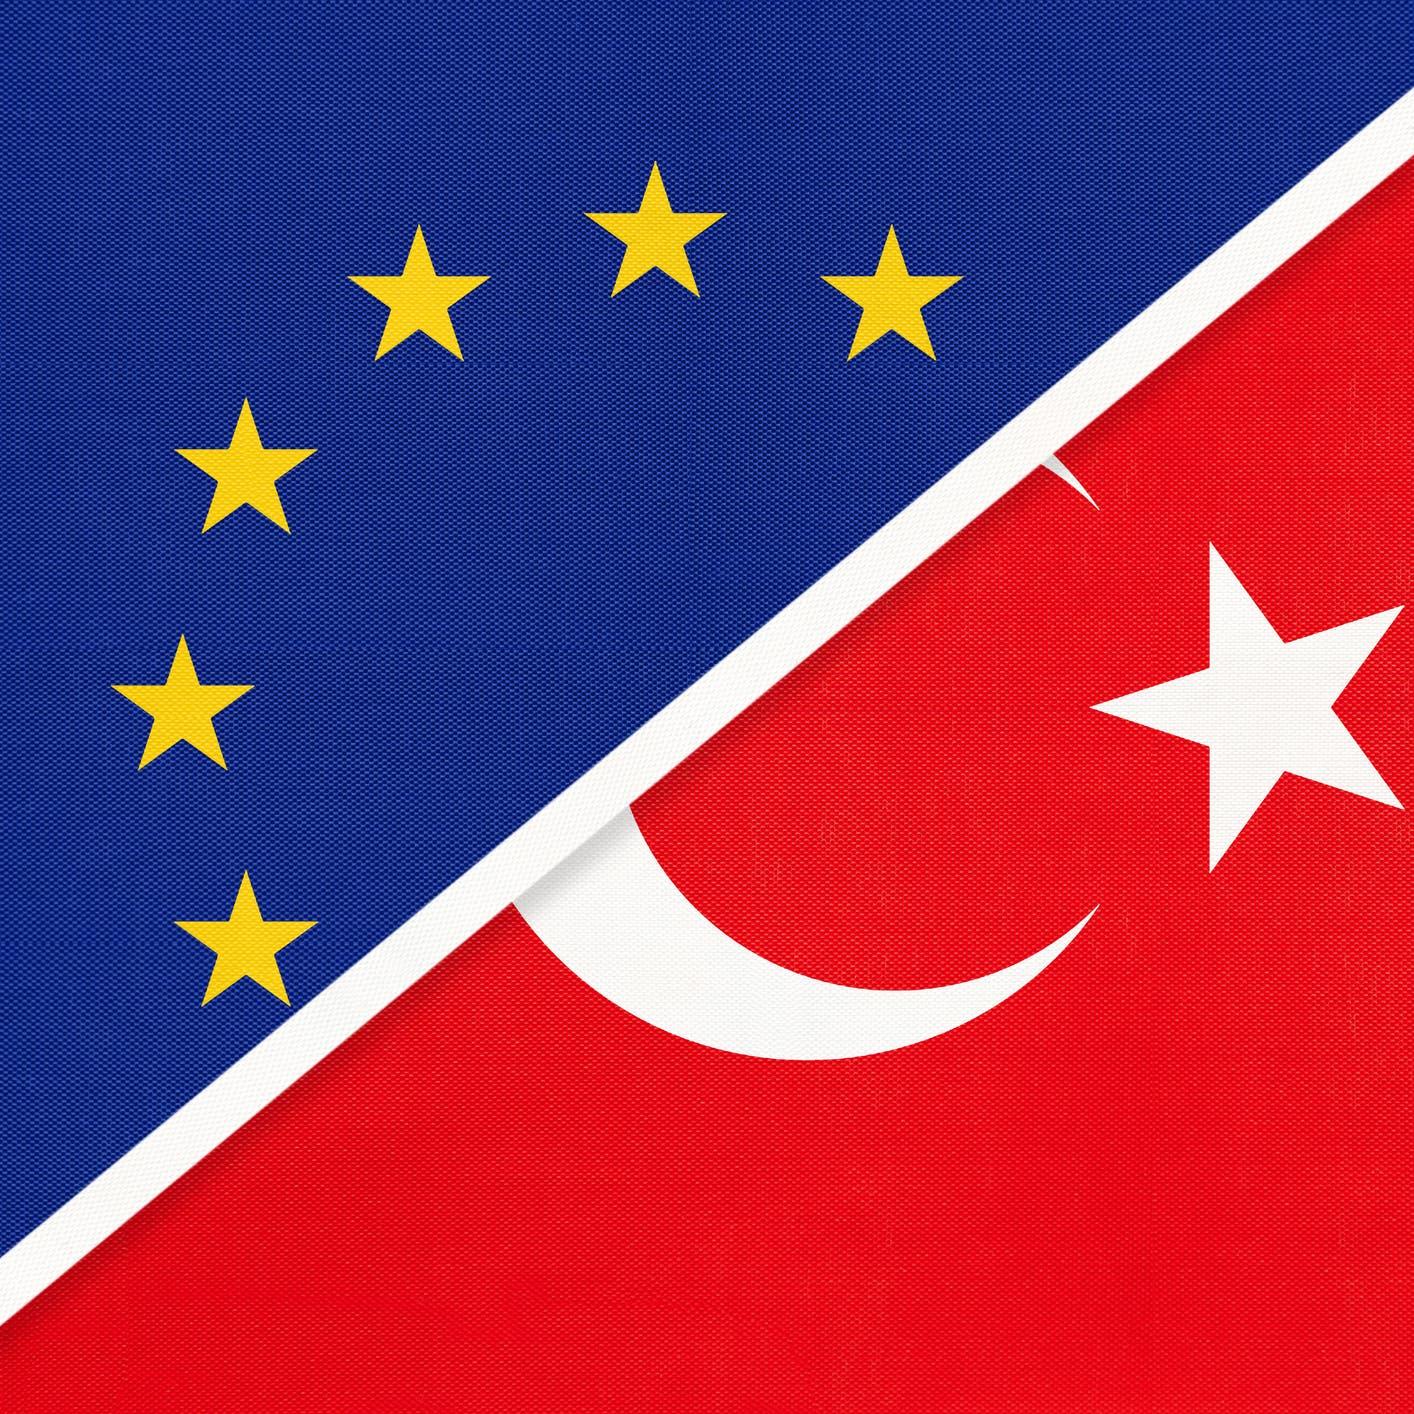 """الاتحاد الأوروبي ينتقد تركيا.. """"لا تساعد على تخفيف التوتر"""""""